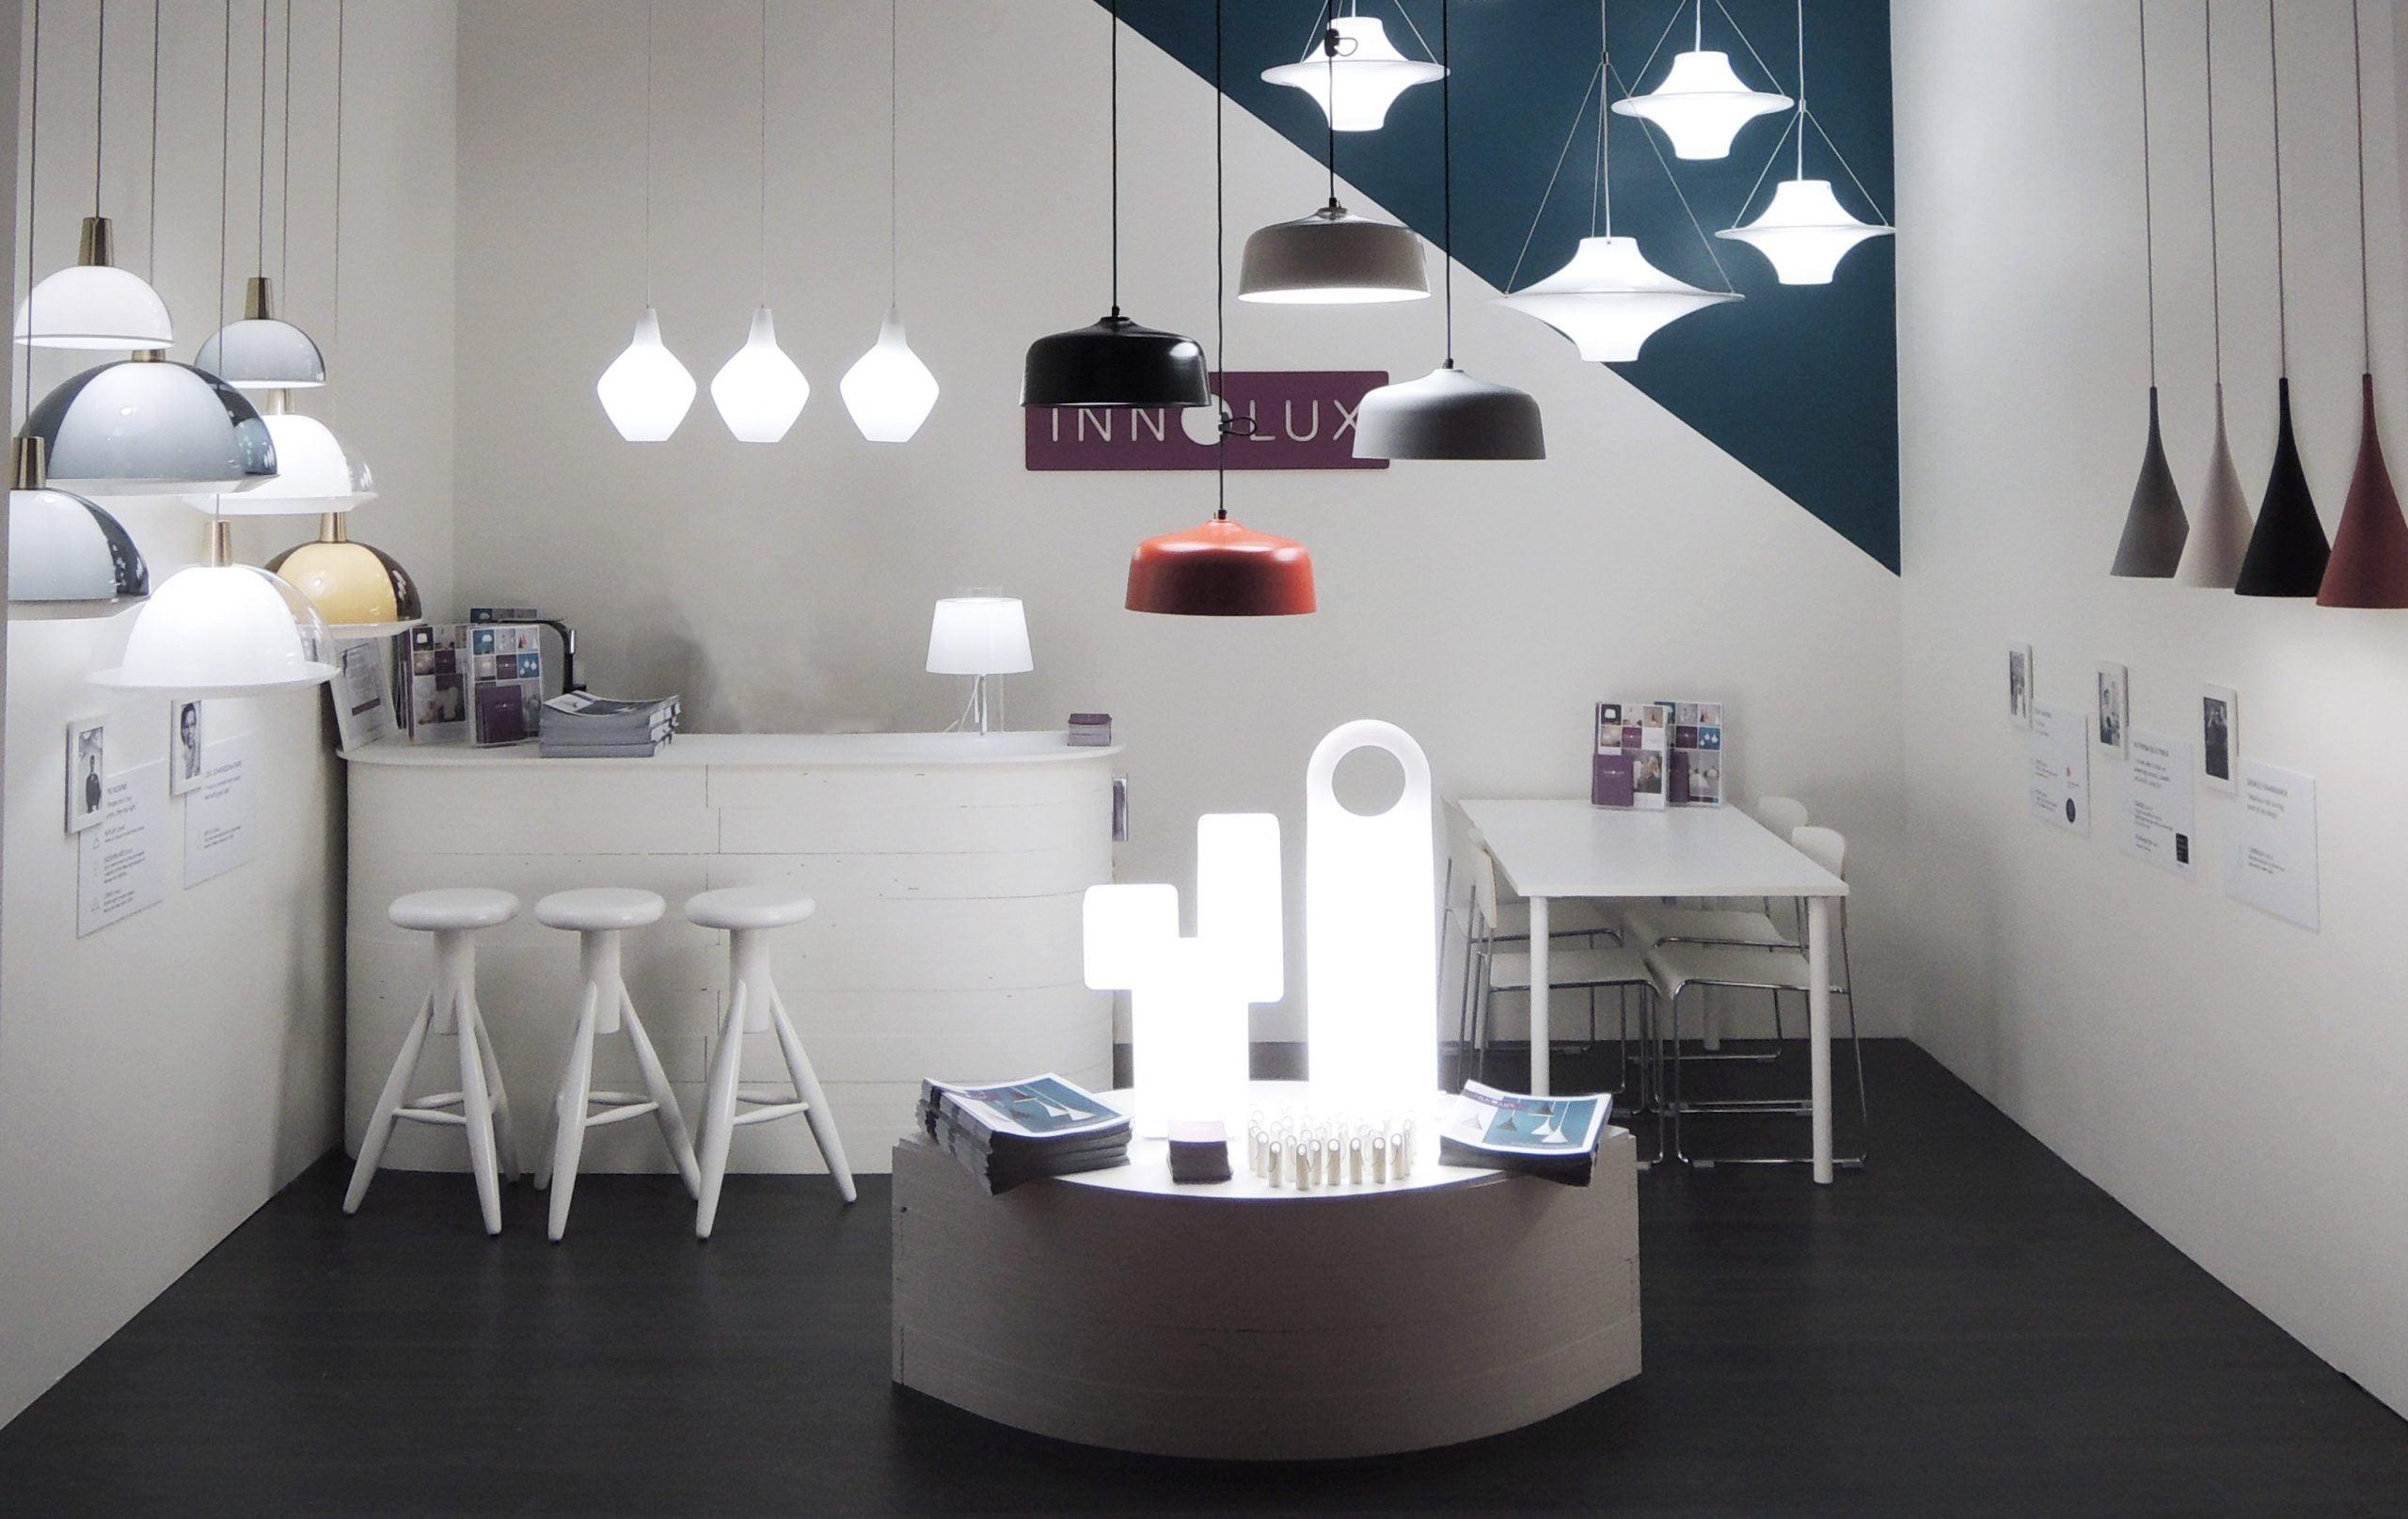 Lampa Origo w aranżacji z innymi lampami Innolux